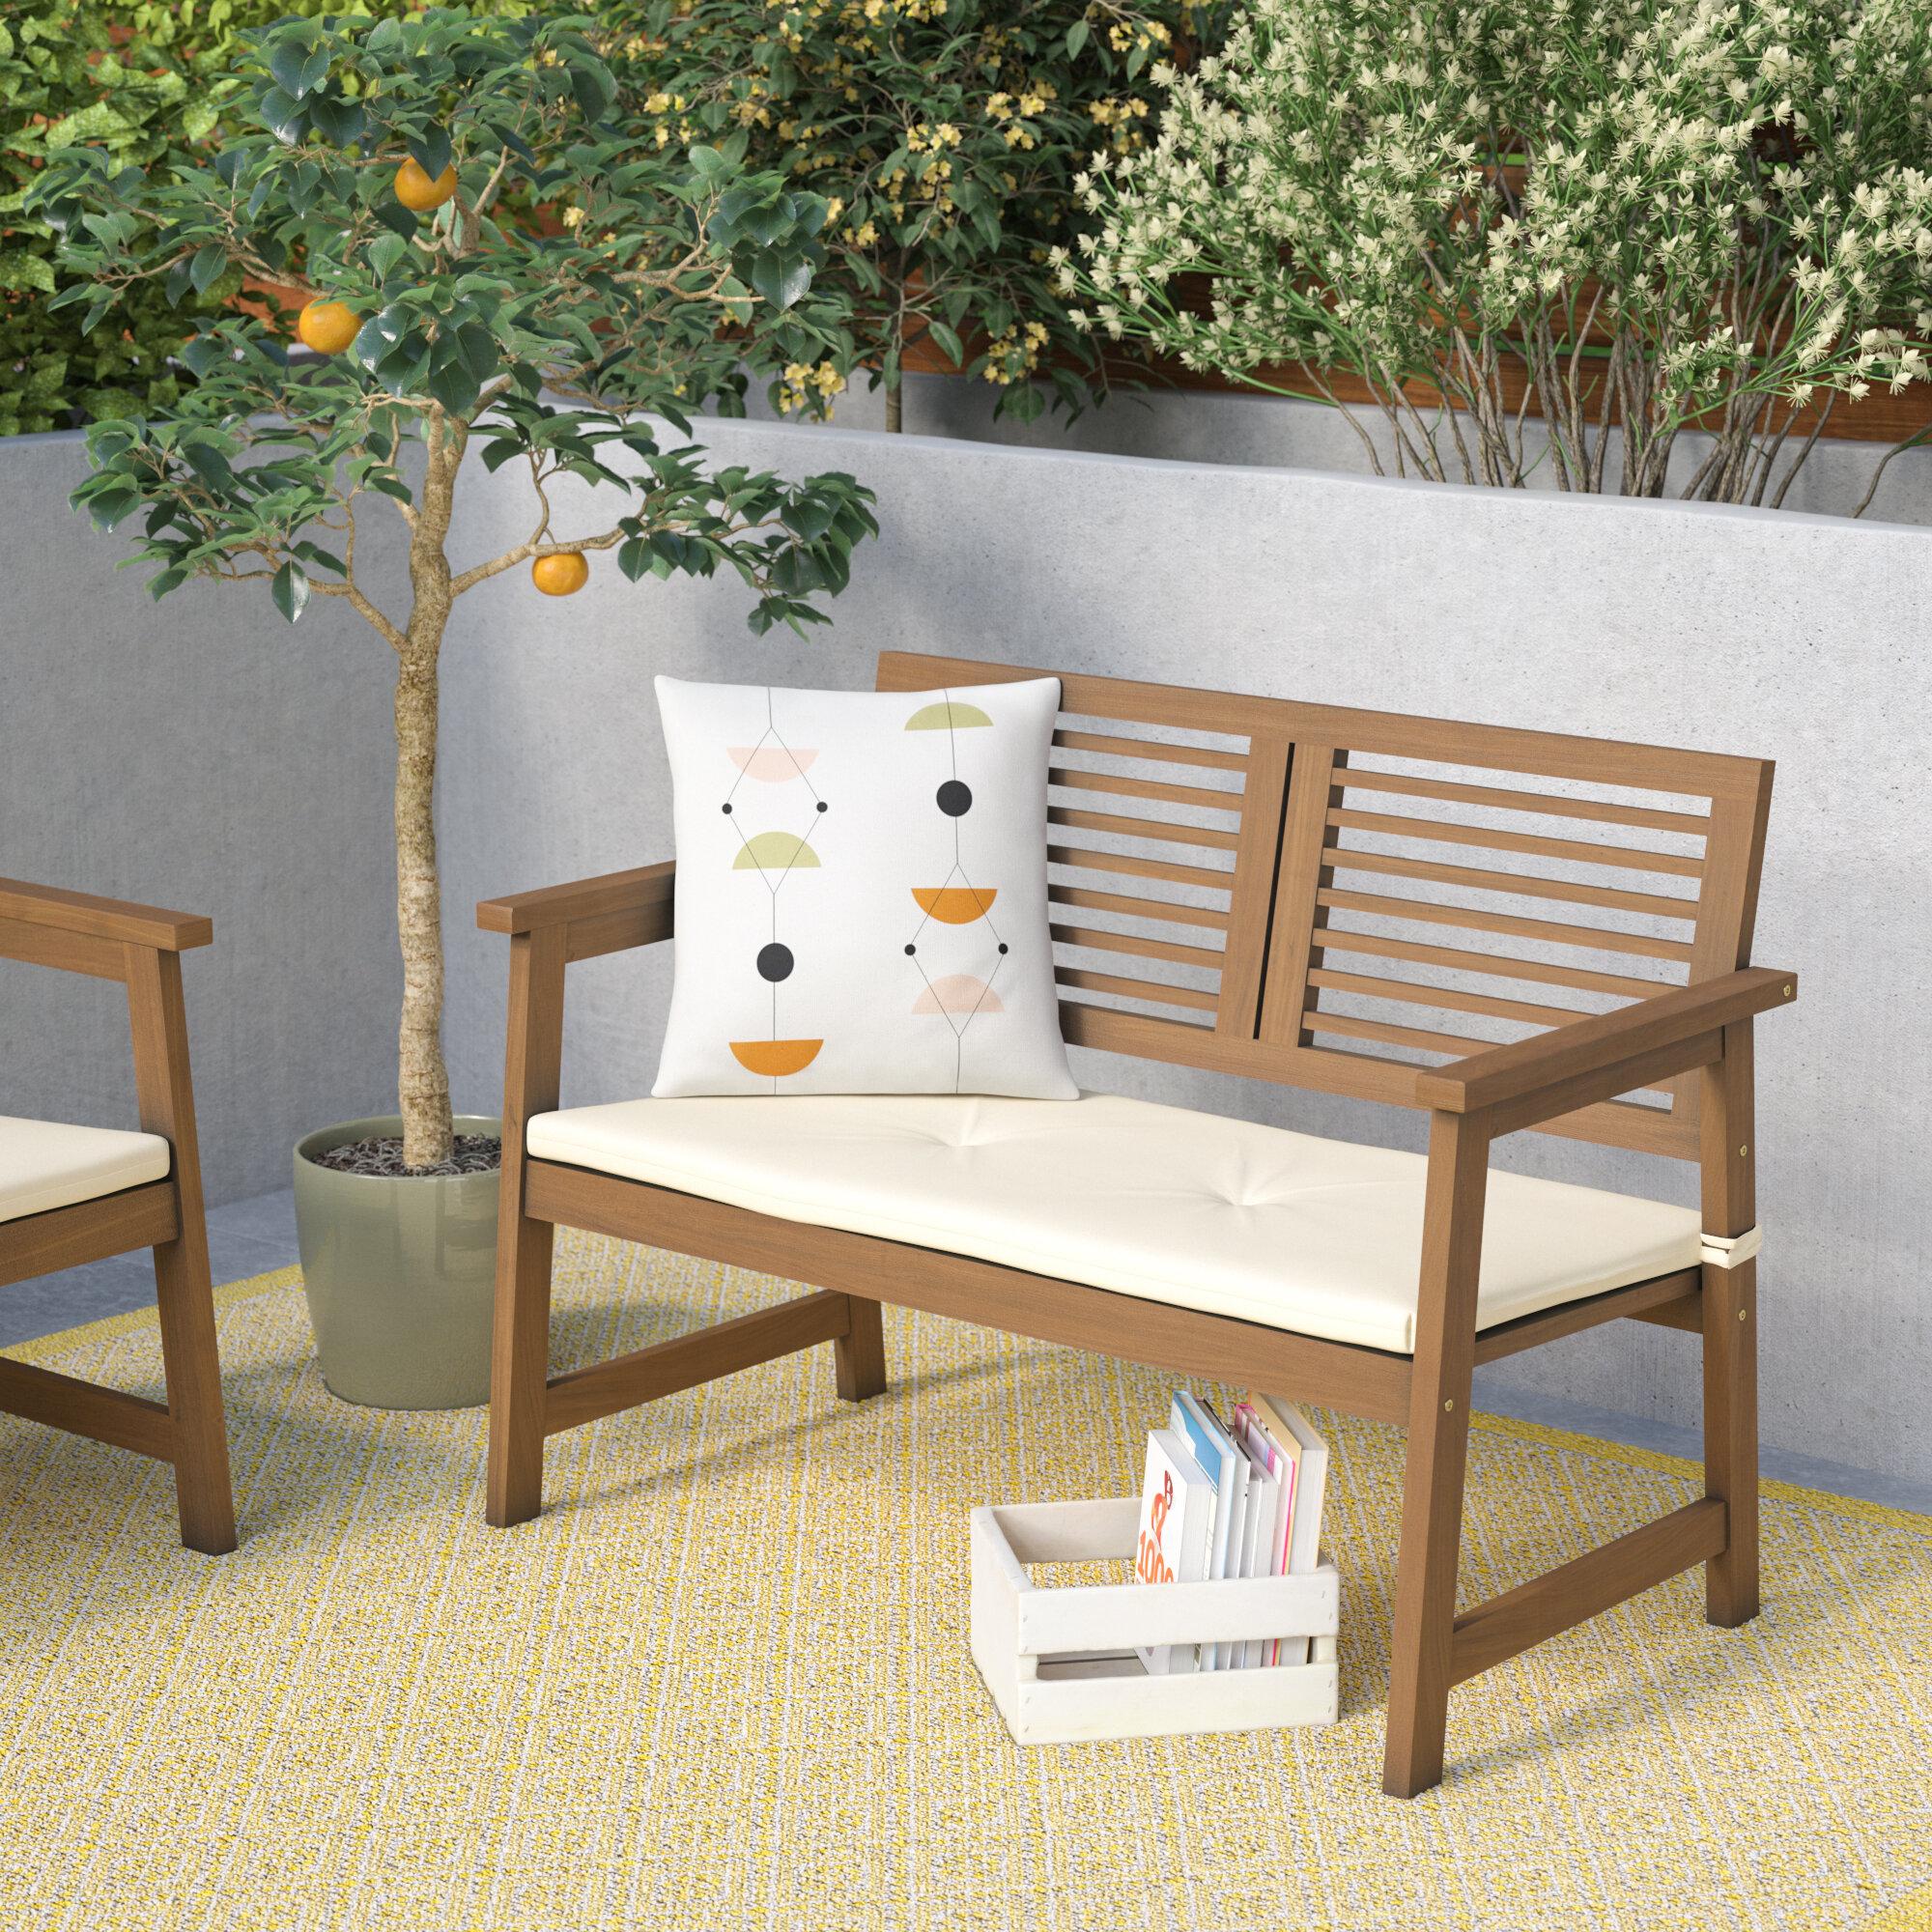 Arianna Meranti Wooden Garden Bench Intended For Elsner Acacia Garden Benches (View 19 of 25)